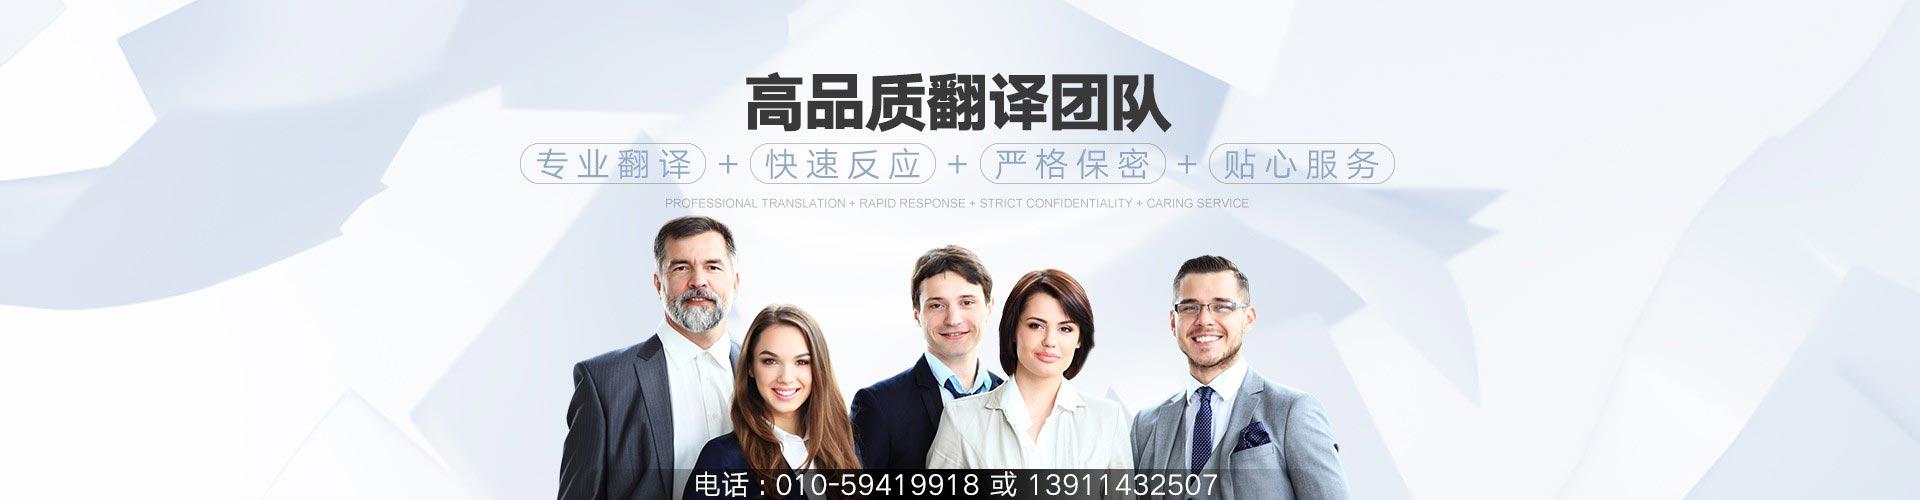 北京(jing)翻譯公司